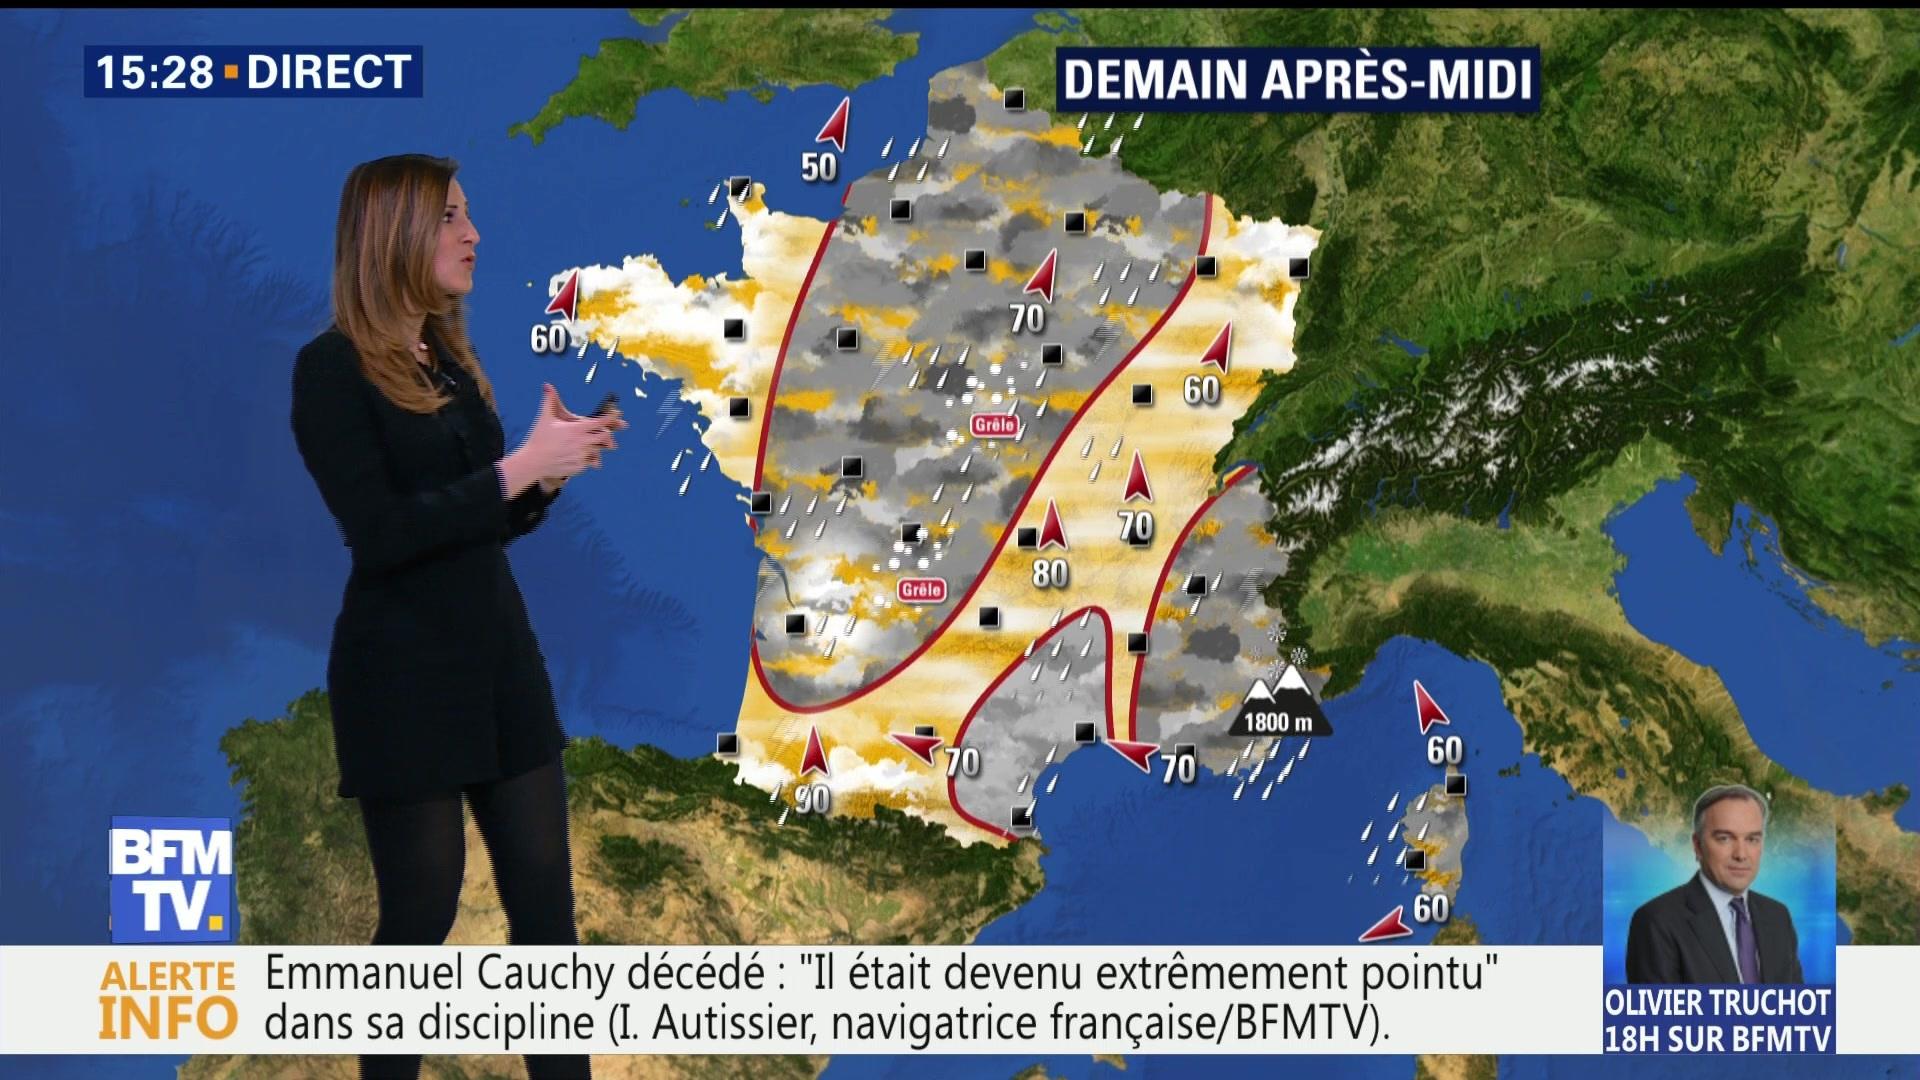 Temps chaud et ensoleillé en Auvergne-Rhône-Alpes vendredi 6 avril